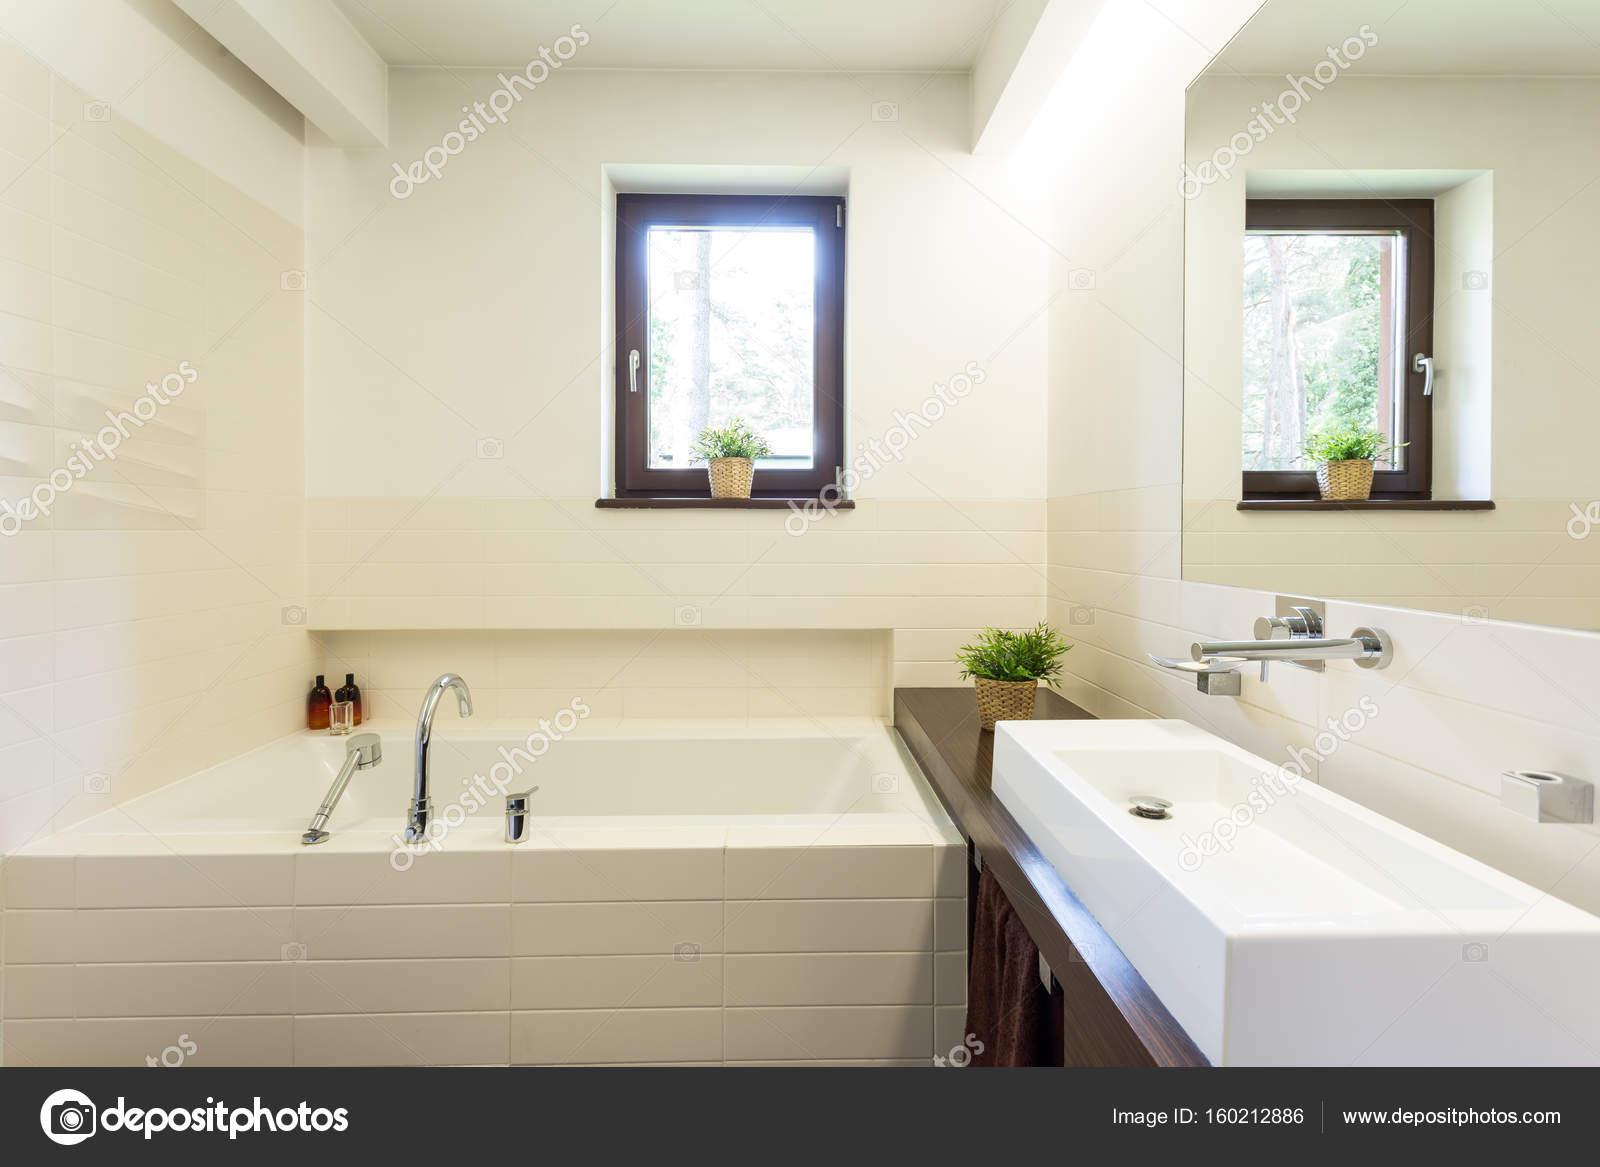 Moderne Witte Badkamer : Moderne witte badkamer met betegelde badkuip u2014 stockfoto